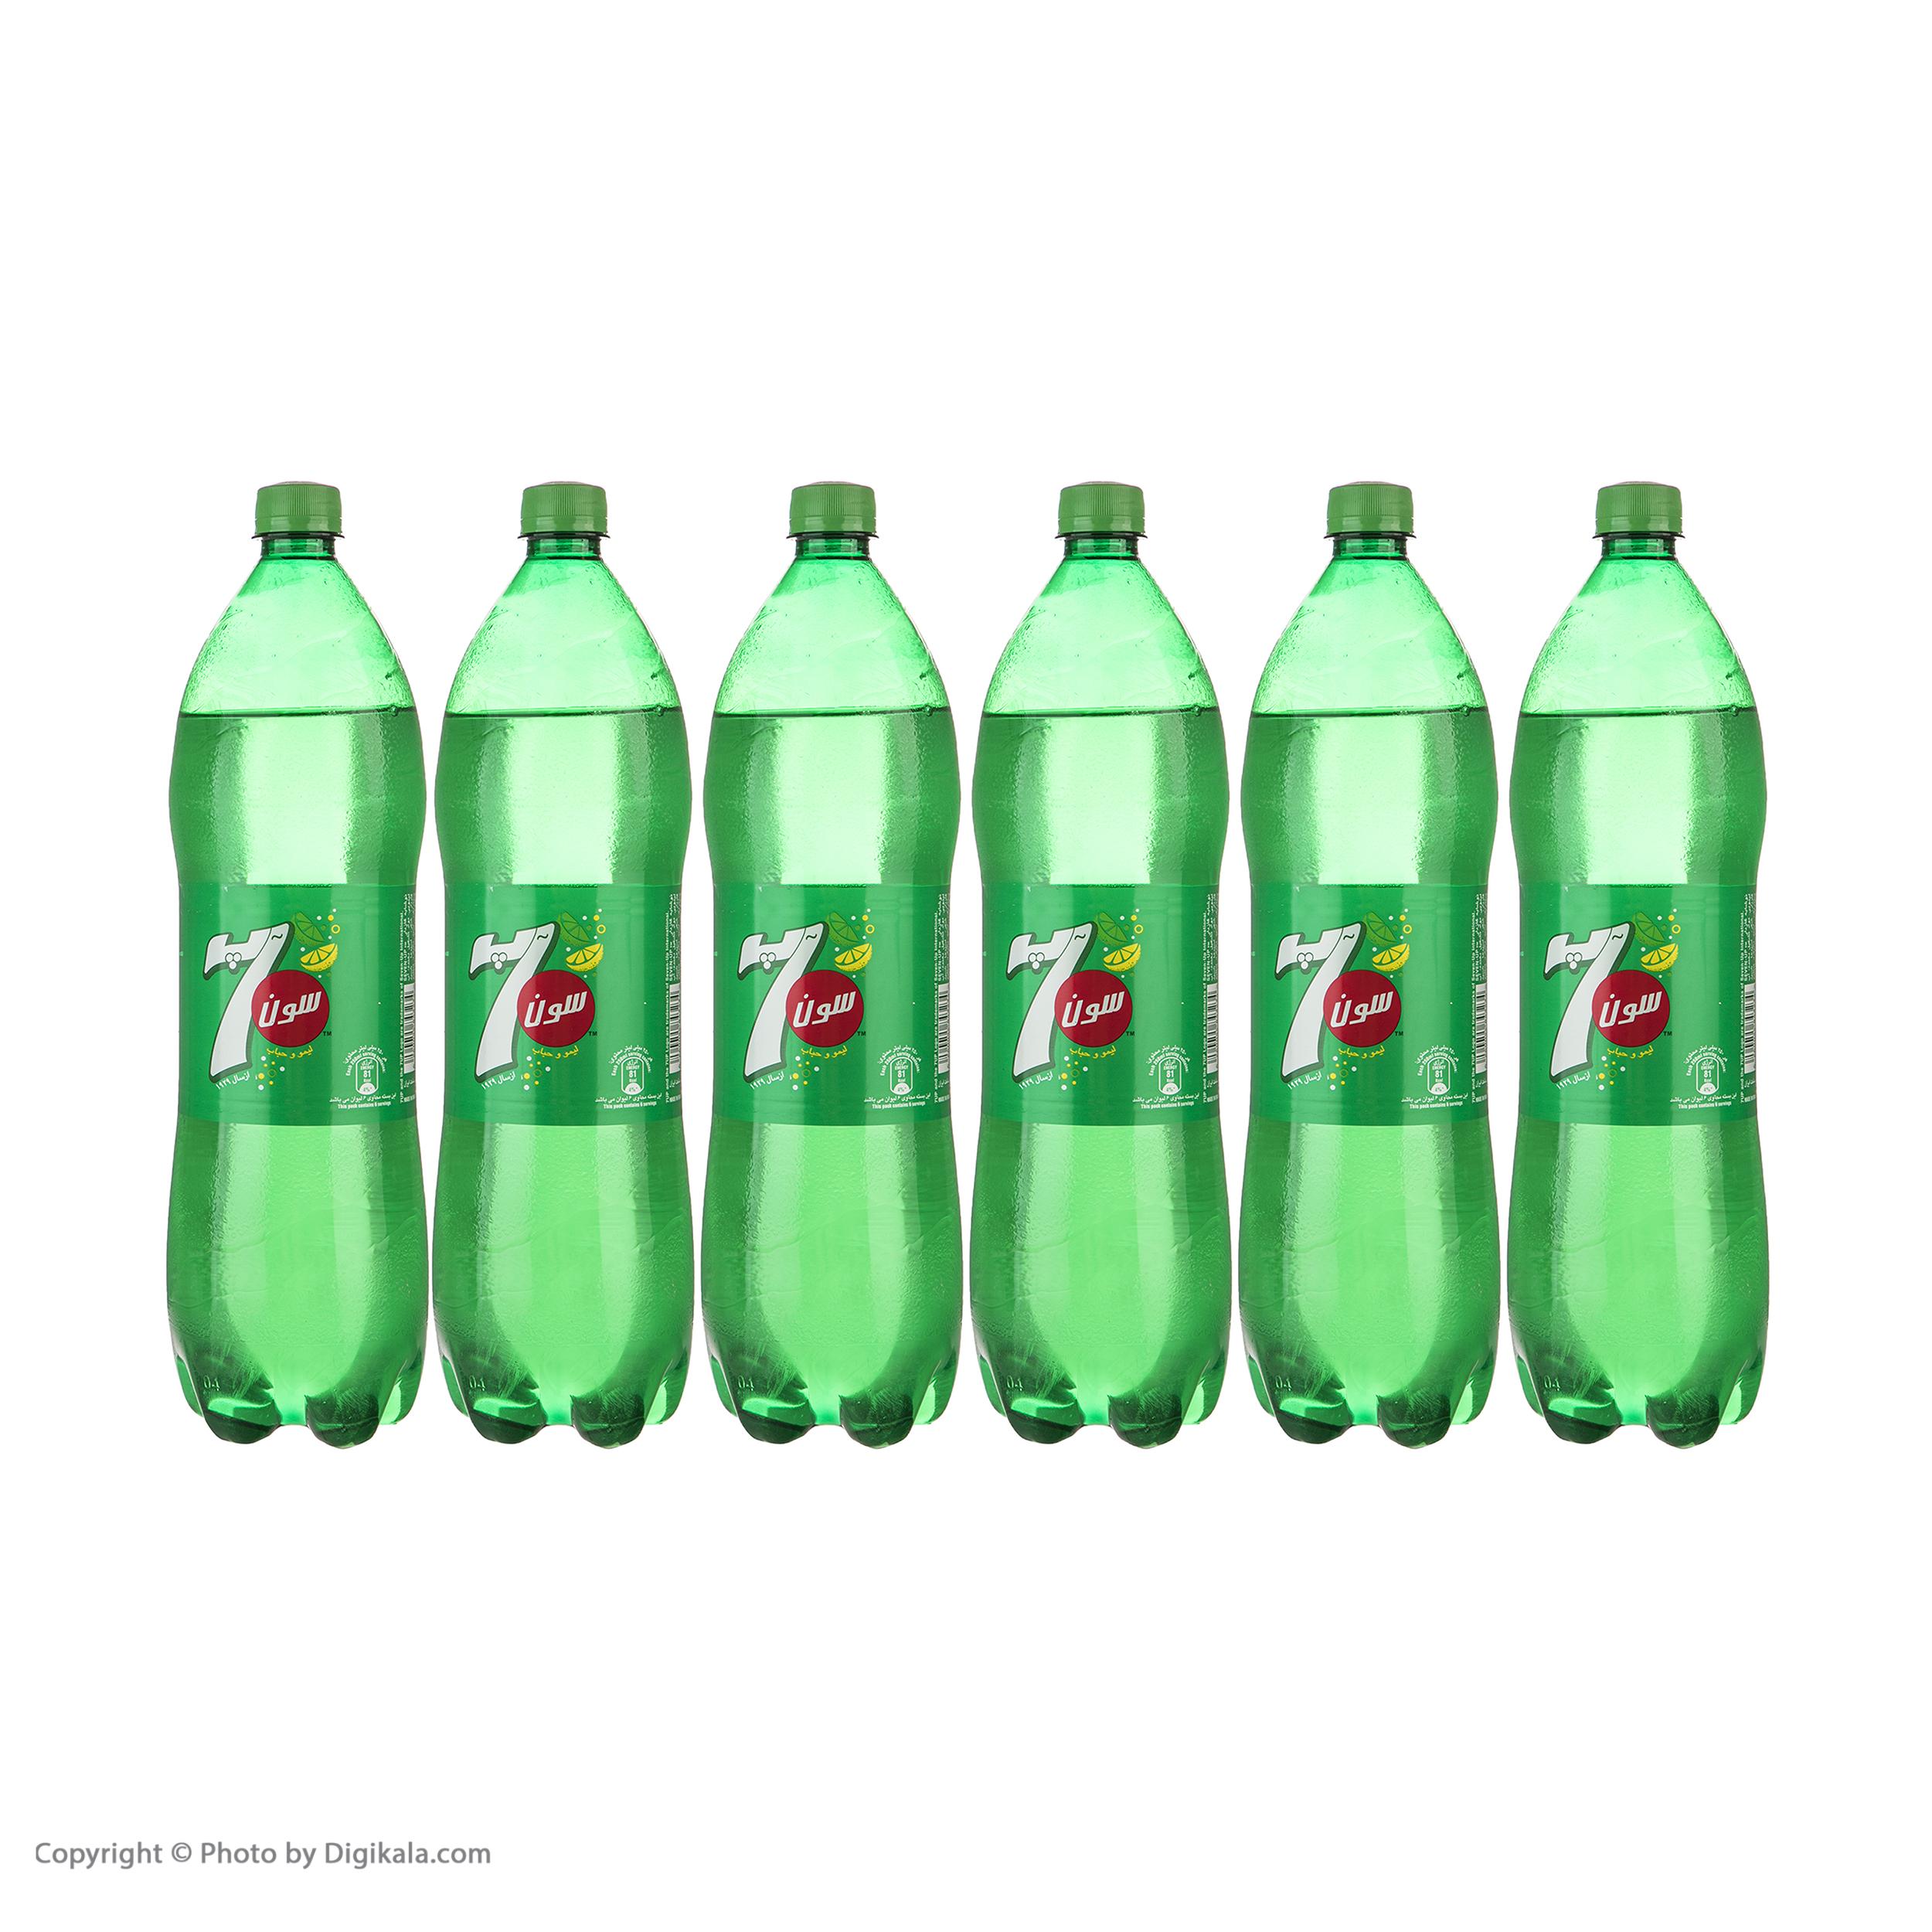 نوشابه لیمو گاز دار سون آپ - 1.5 لیتر بسته 6 عددی  main 1 1